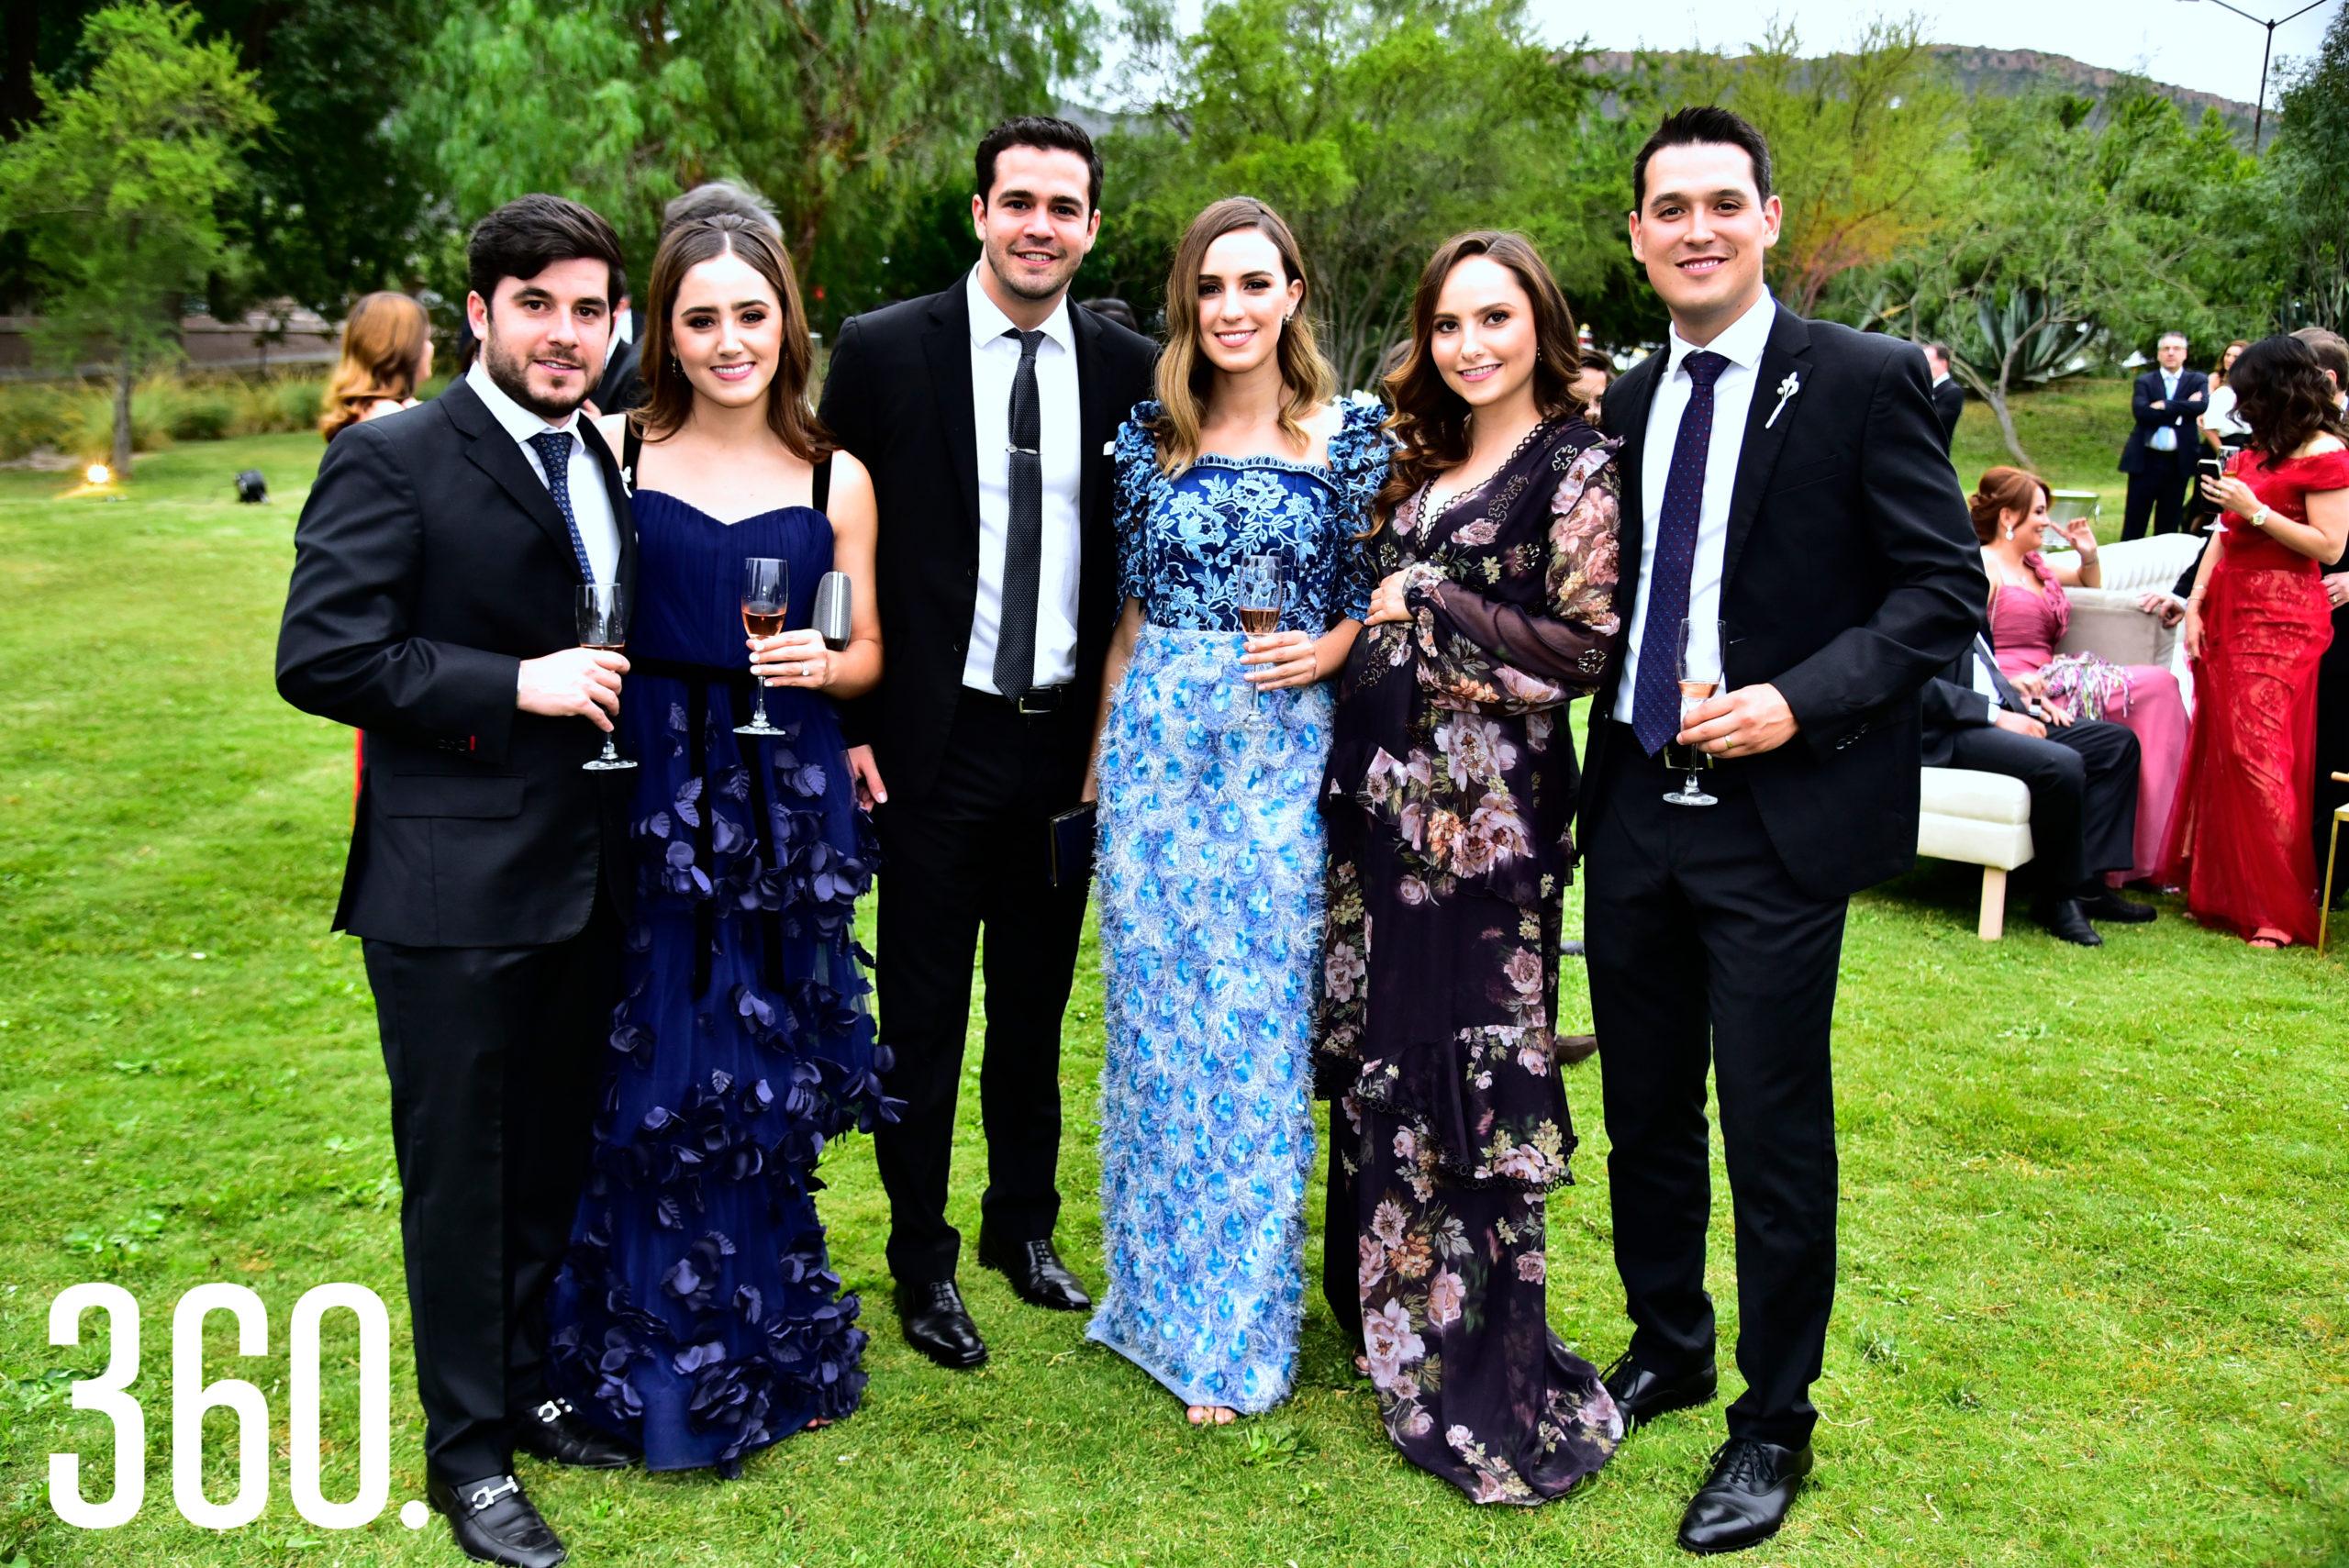 Adrián López, Mariana Cepeda, Raúl Galicia, Beatriz Cárdenas, Maritere Lomelí y Guillermo Wah.